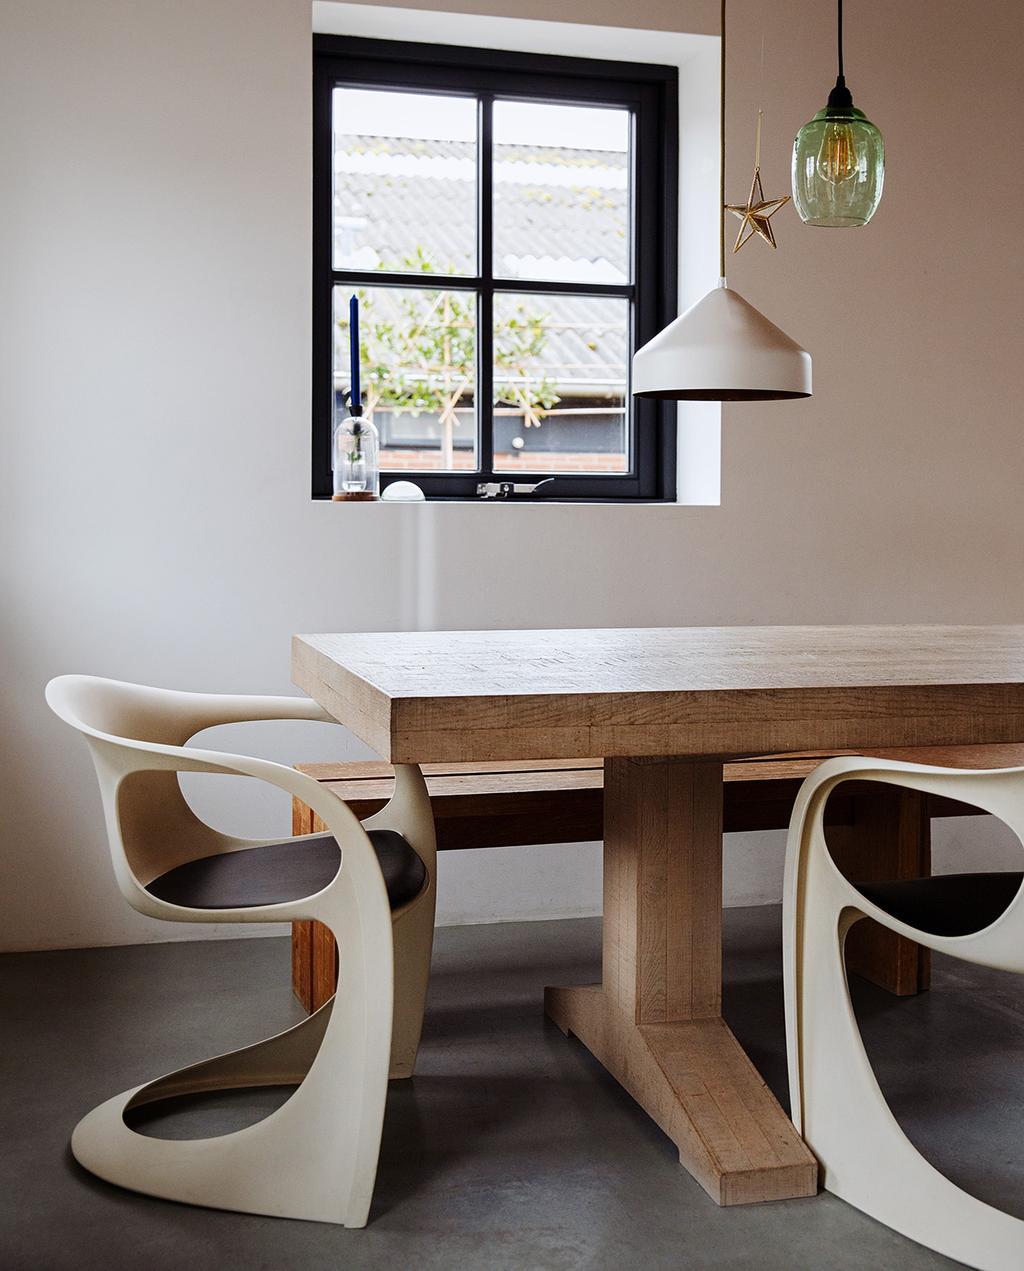 vtwonen 03-2021 | eettafel met bijzondere stoelen